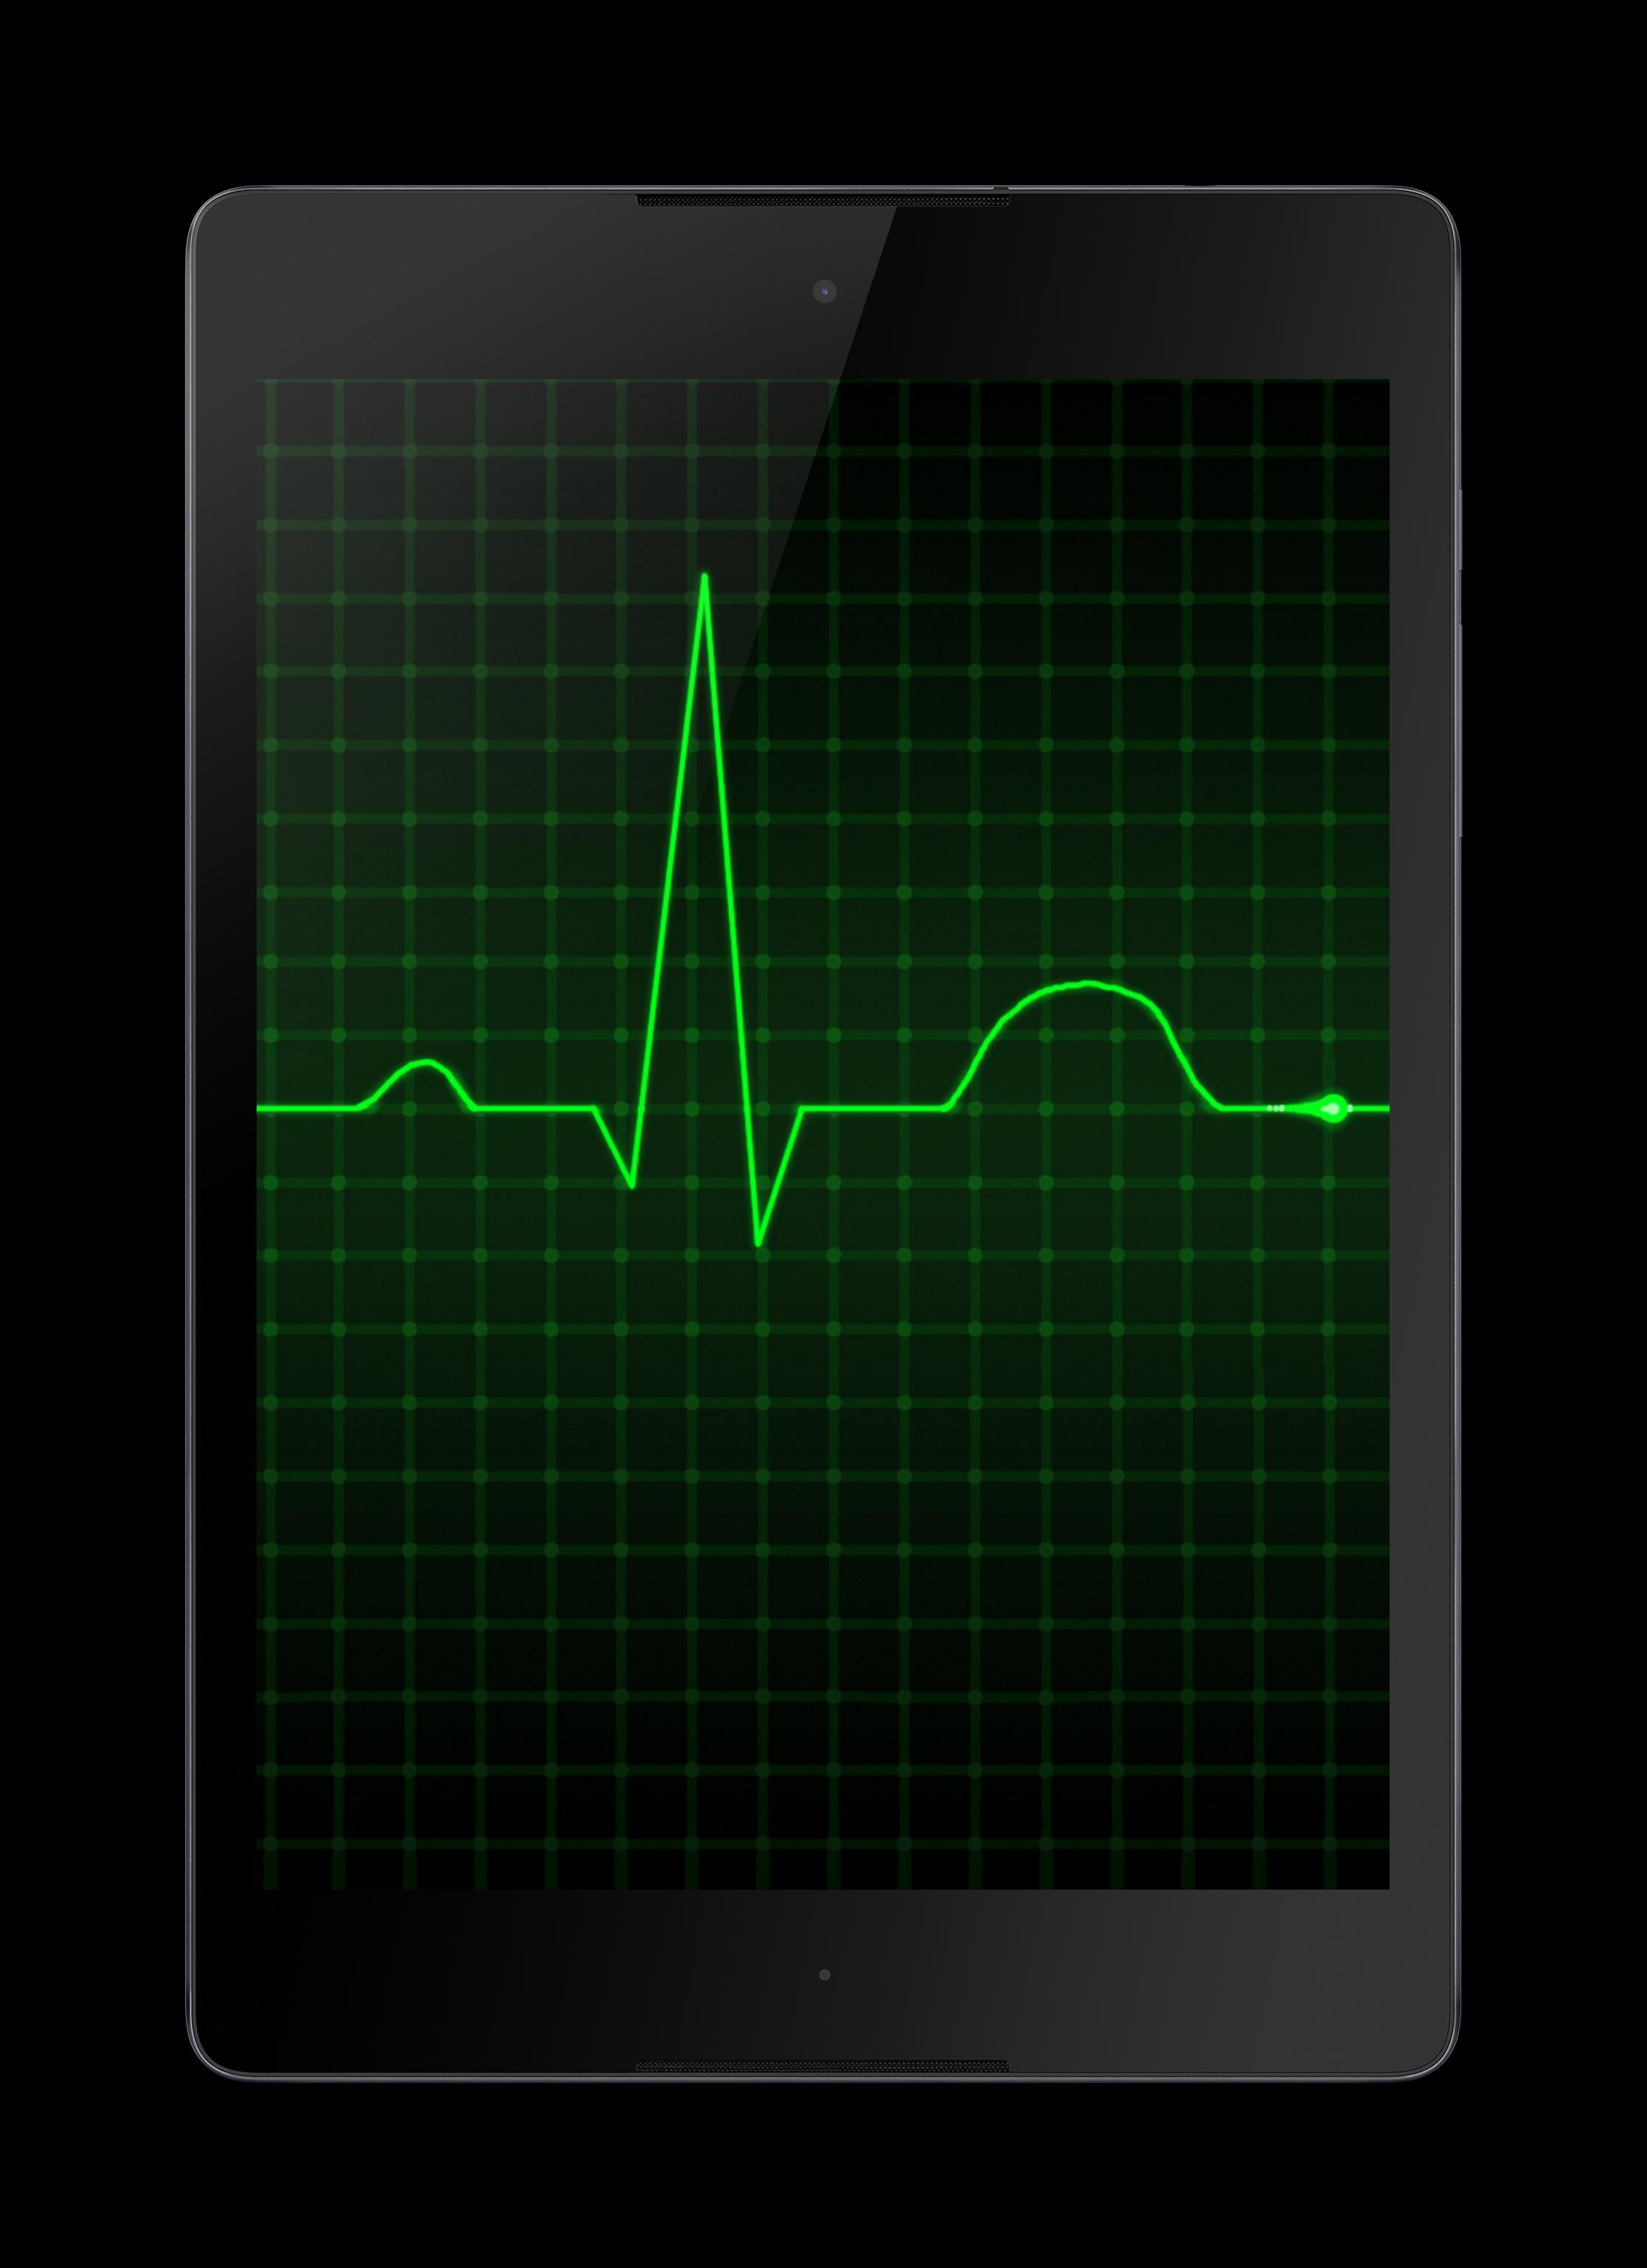 Iphone Ecg Wallpaper